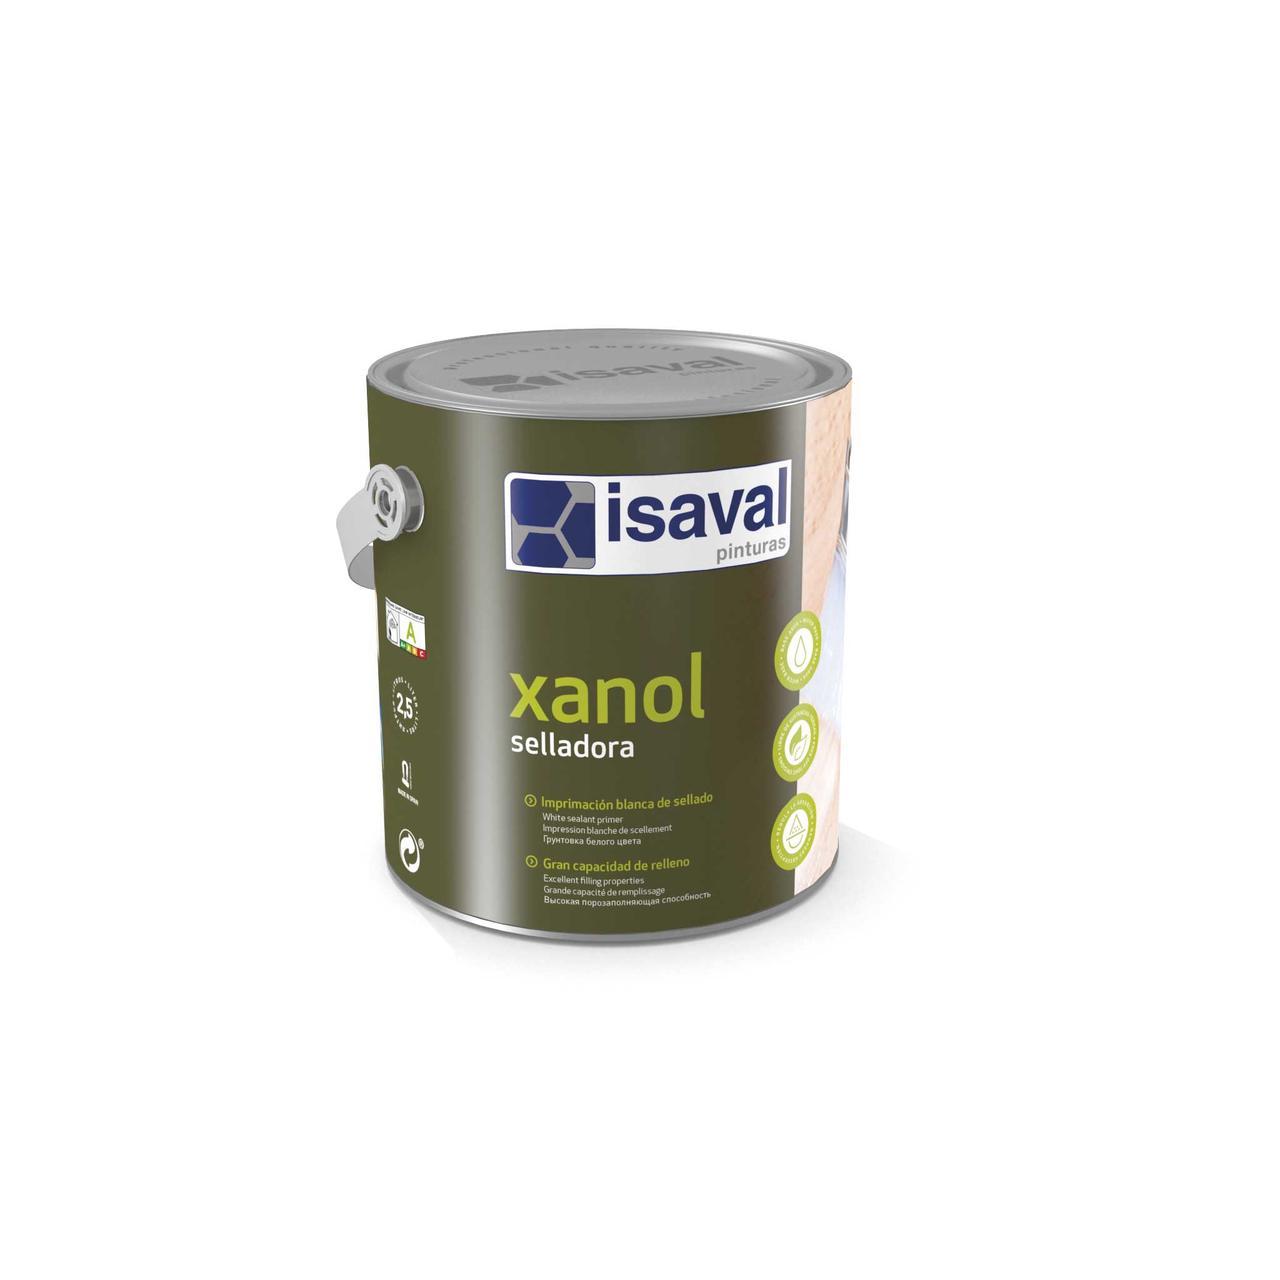 Алкидная грунтовка герметик для дерева на водной основе Ксанол Селладора ISAVAL 0,75л≈7м²/слой